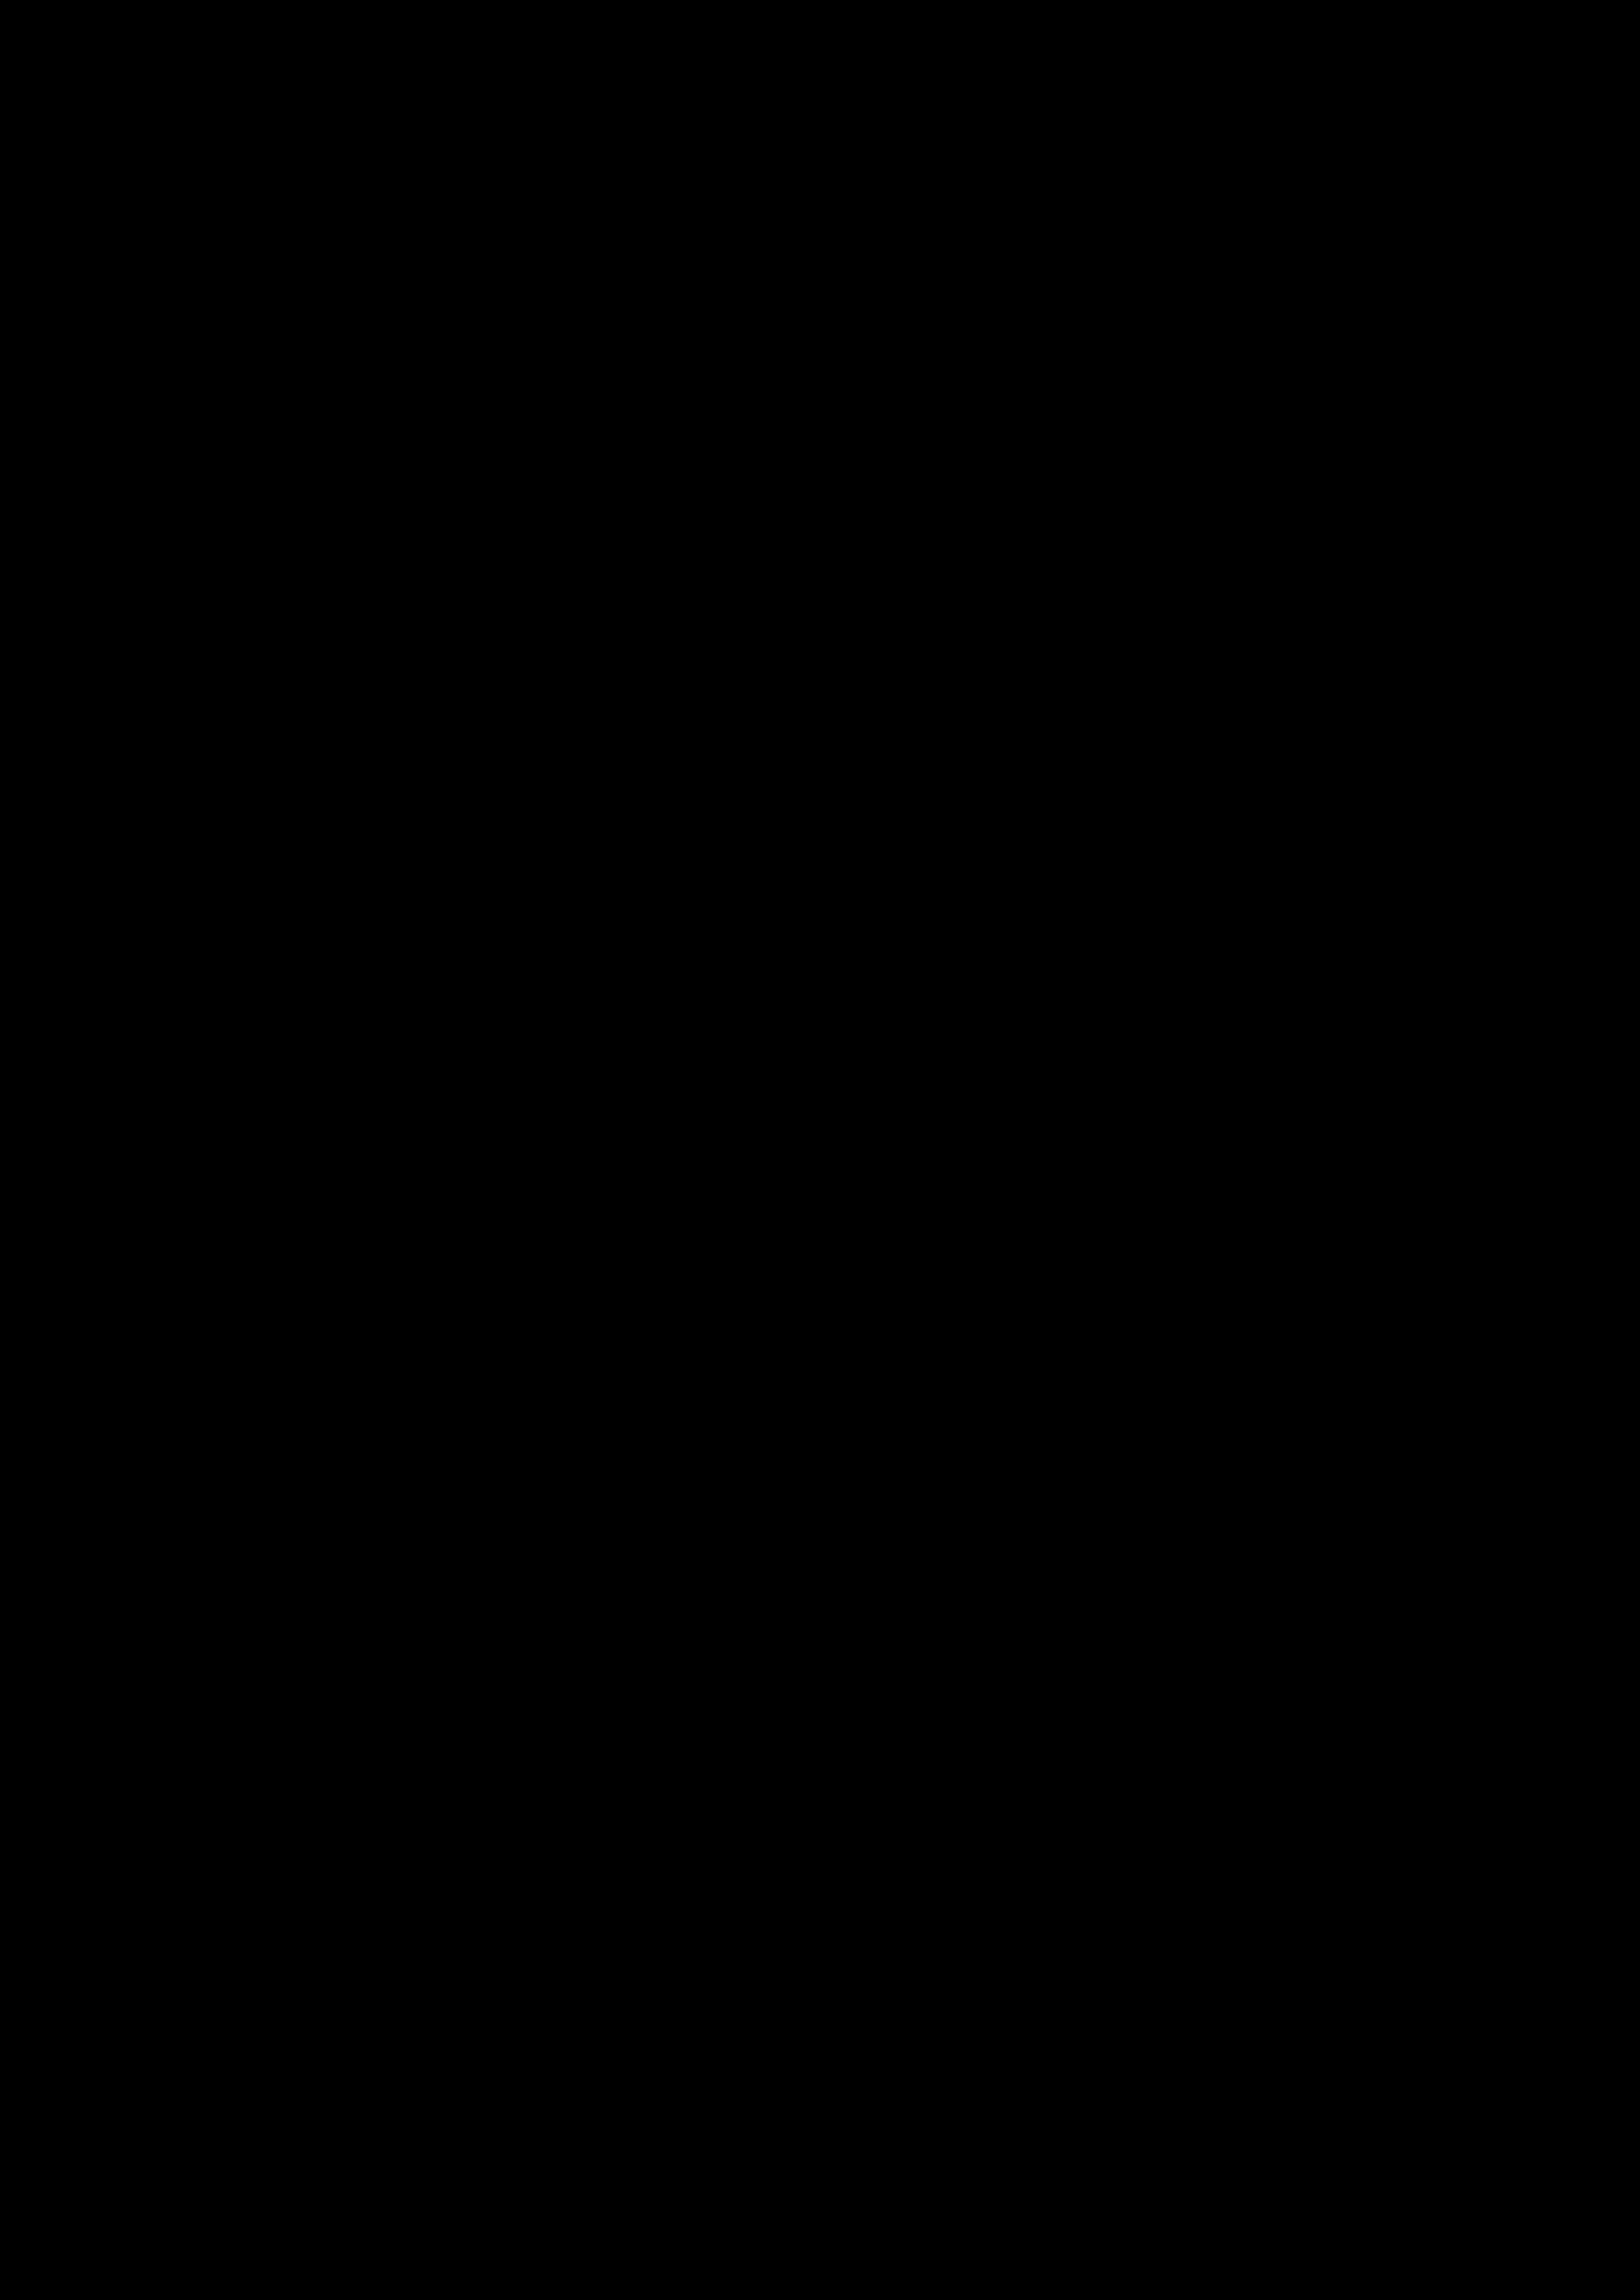 Voivod Live 2019